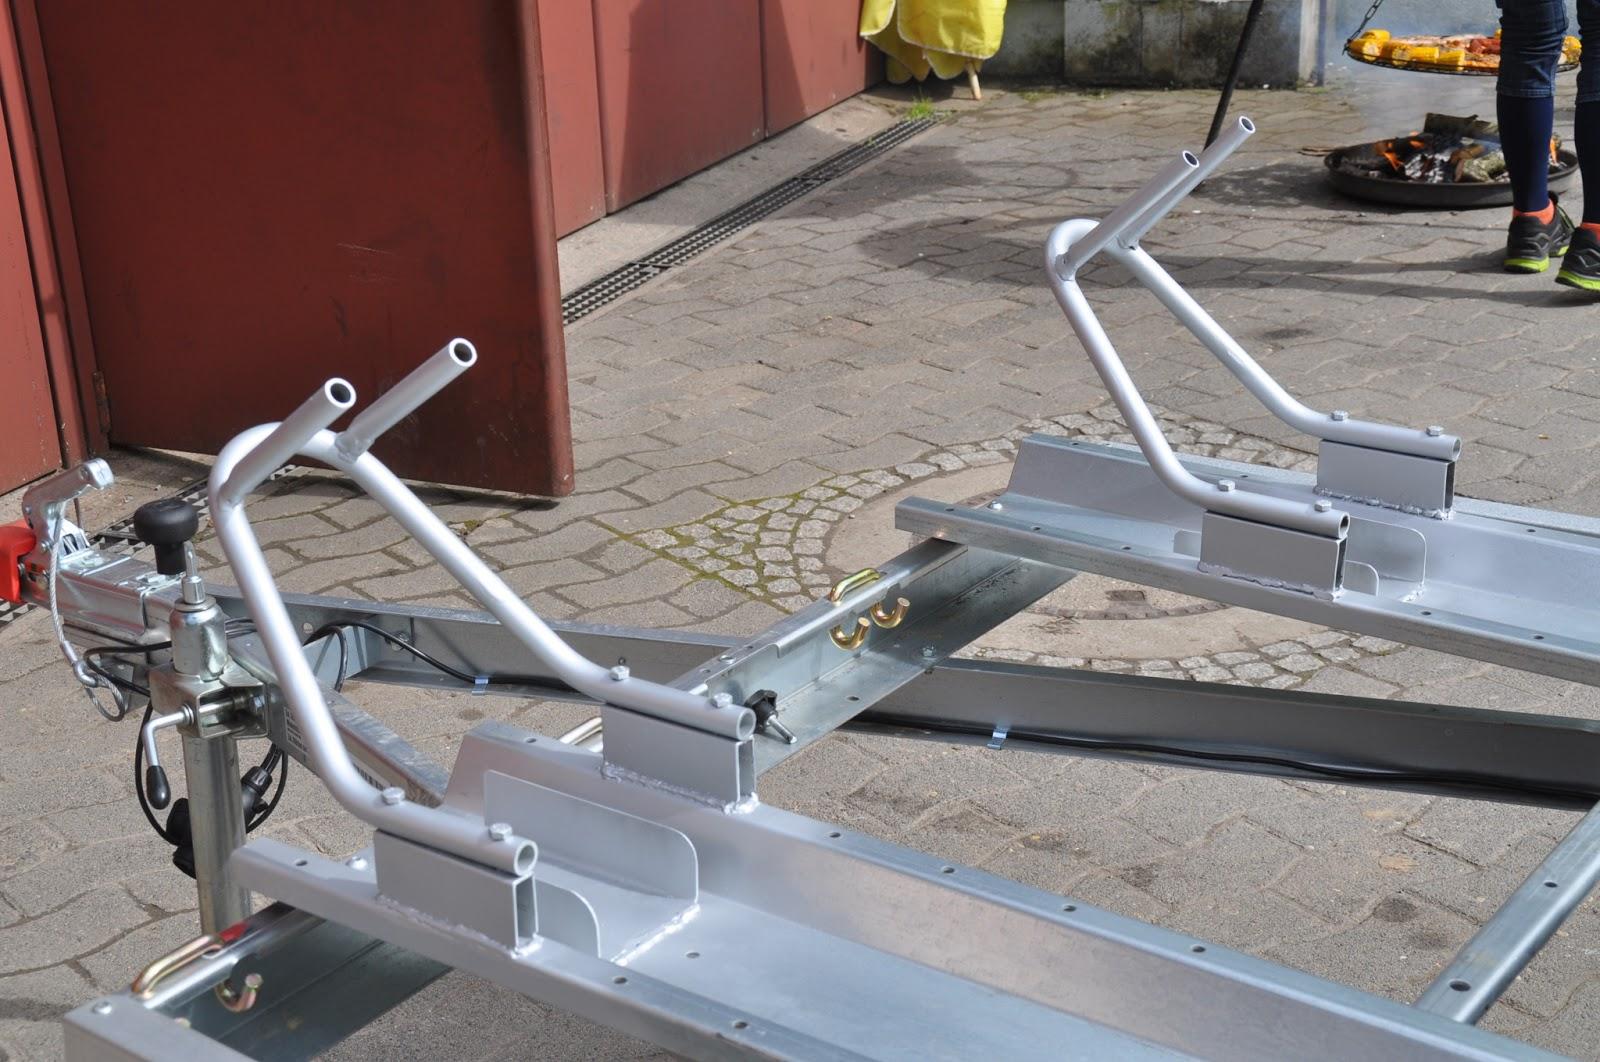 scooter service deutschland anh ngerumbau f r retro roller. Black Bedroom Furniture Sets. Home Design Ideas